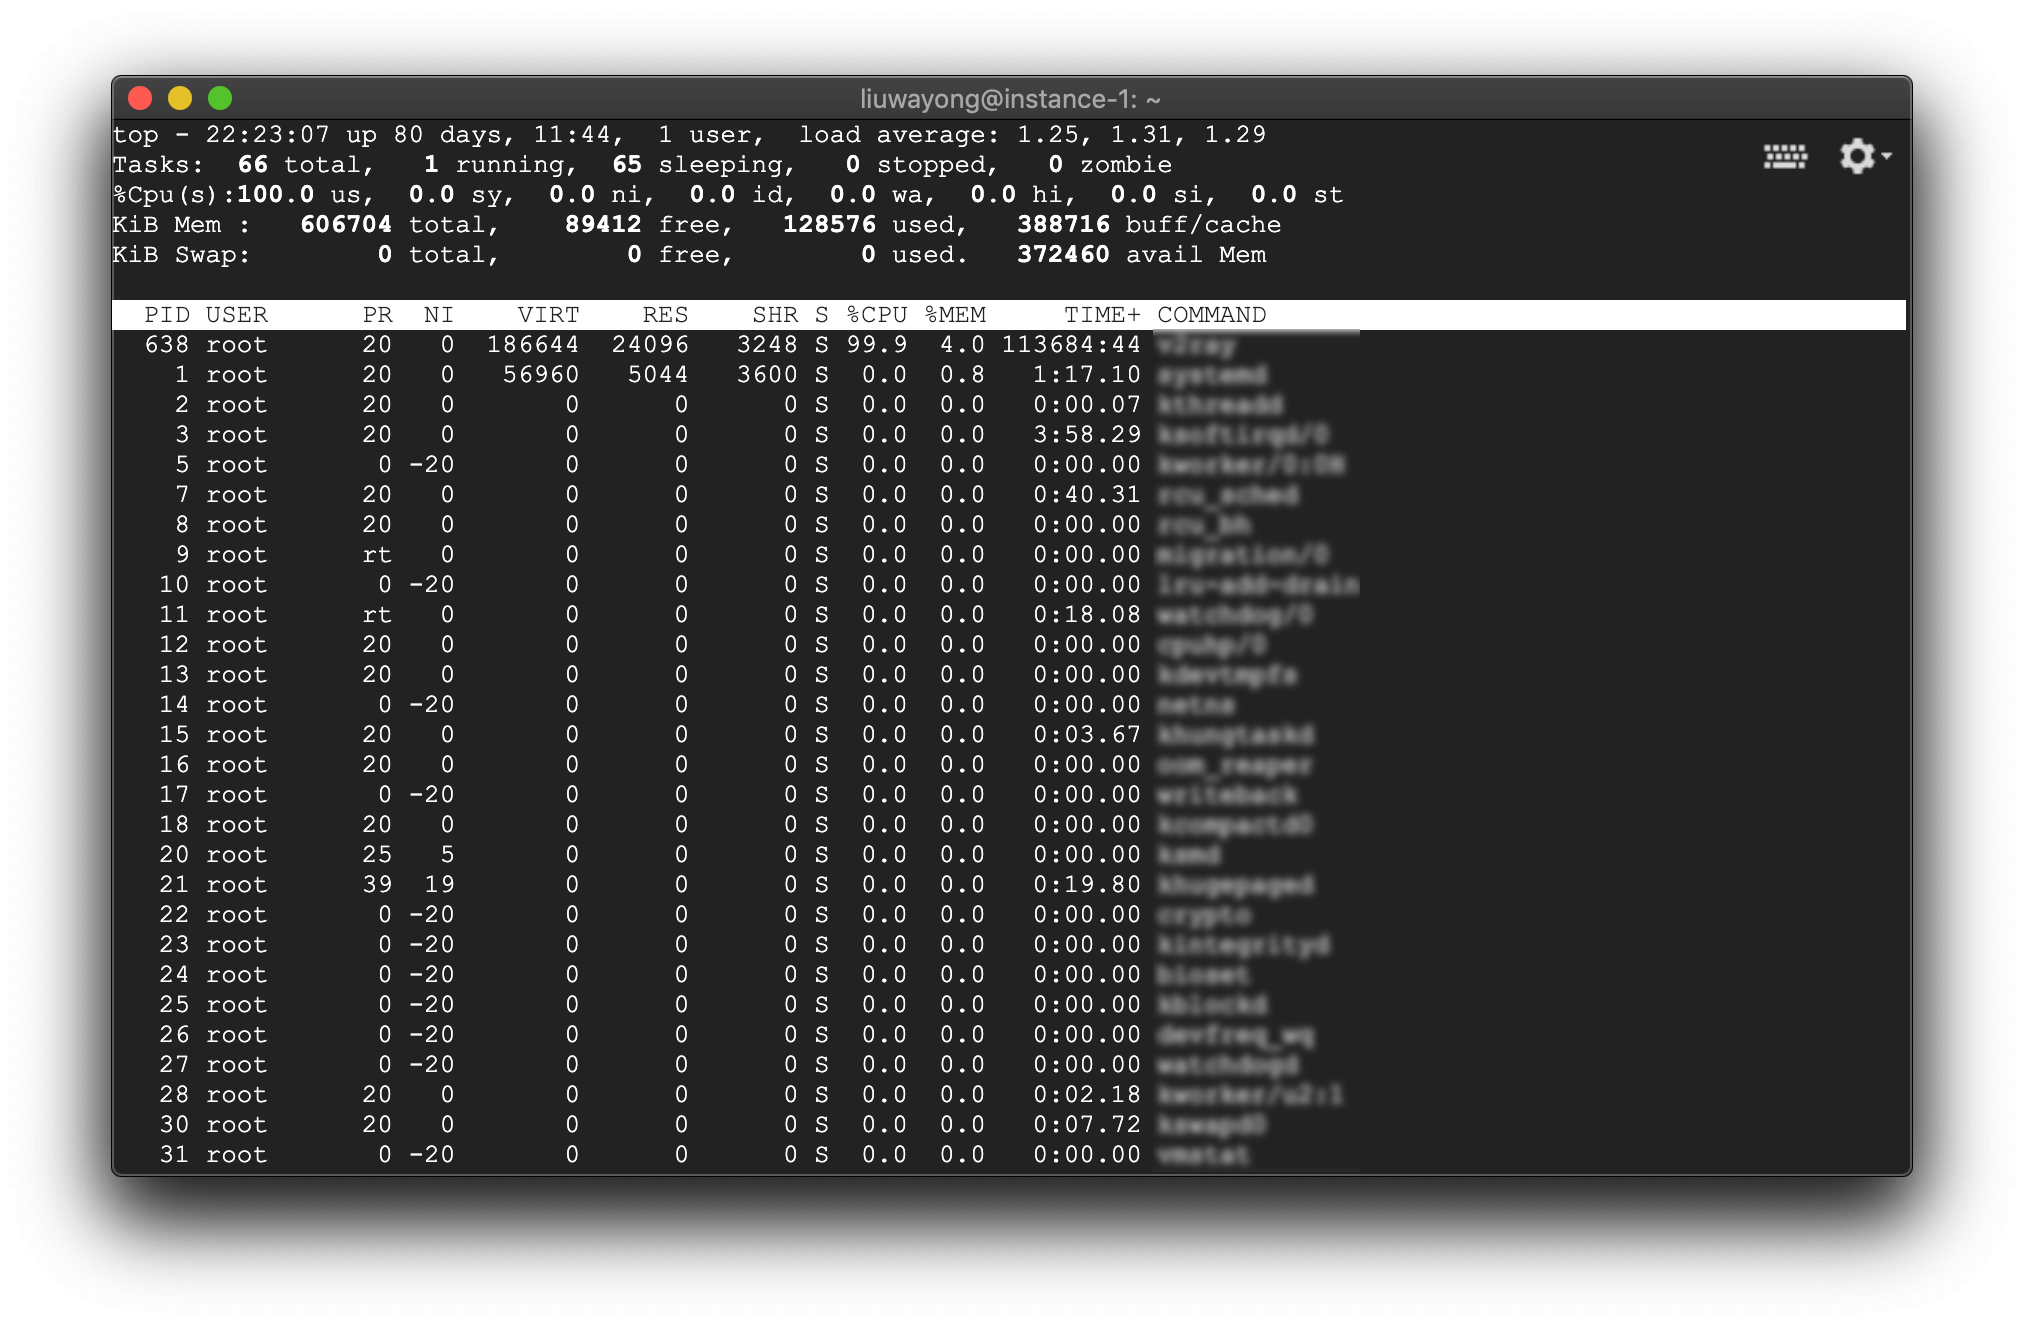 top命令的输出界面